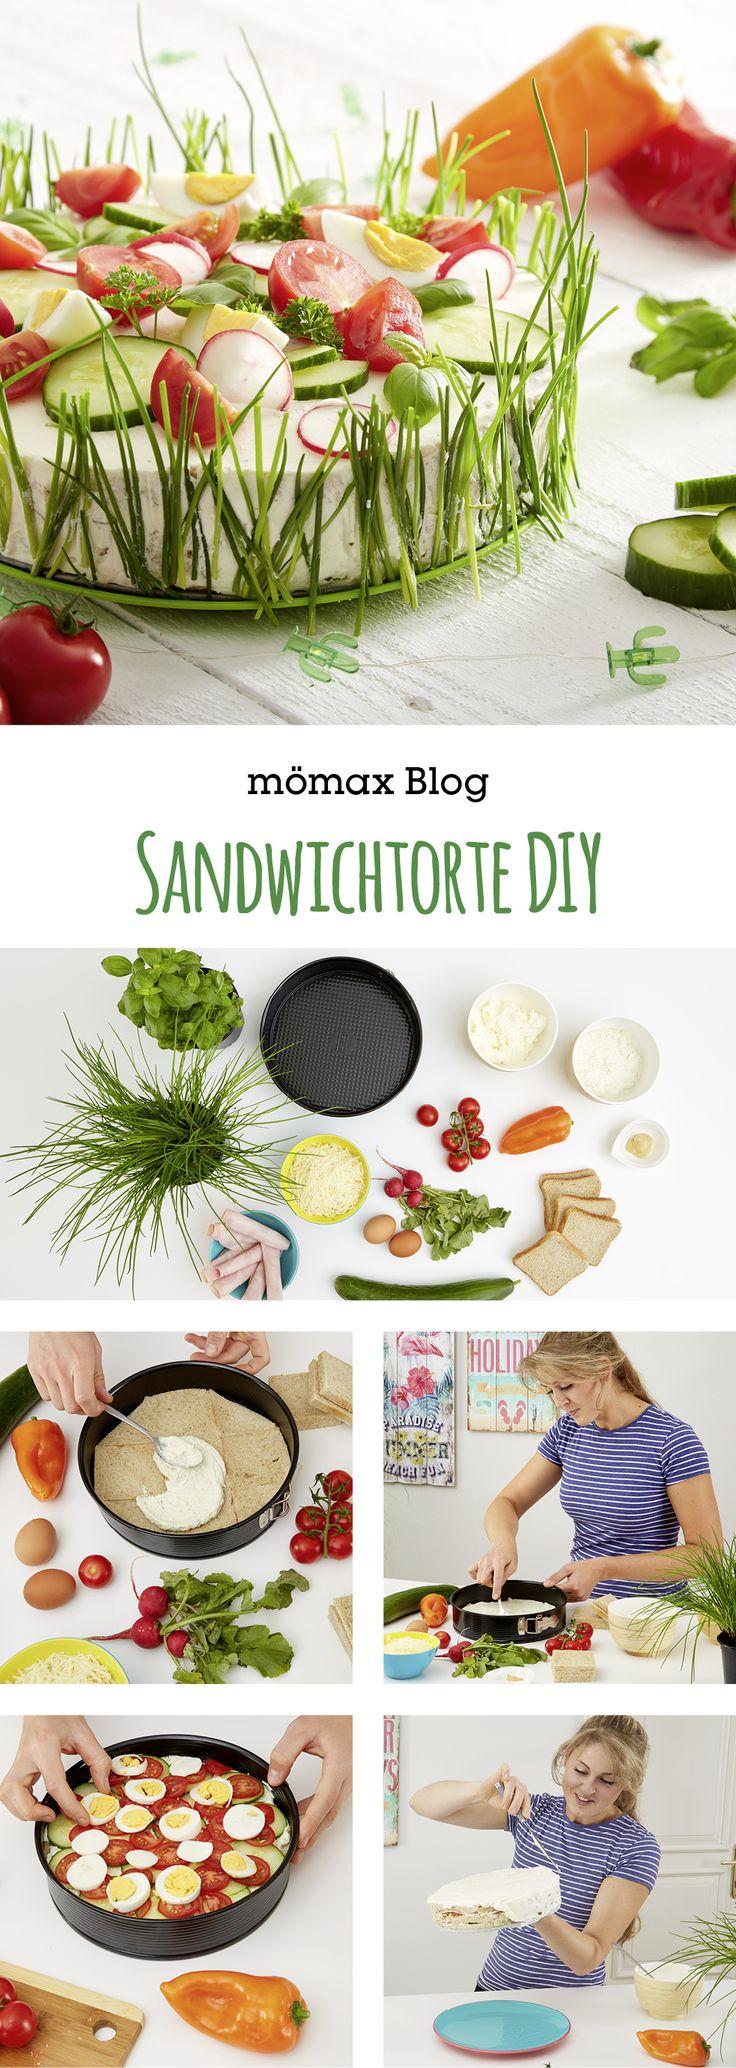 Pikante Sandwichtorte selber machen Pikante Sandwichtorte 🍰 einfach selber machen! 👍🏻Du benötigst dafür nur ein paar Zutaten – Anleitung am mömax Blog!